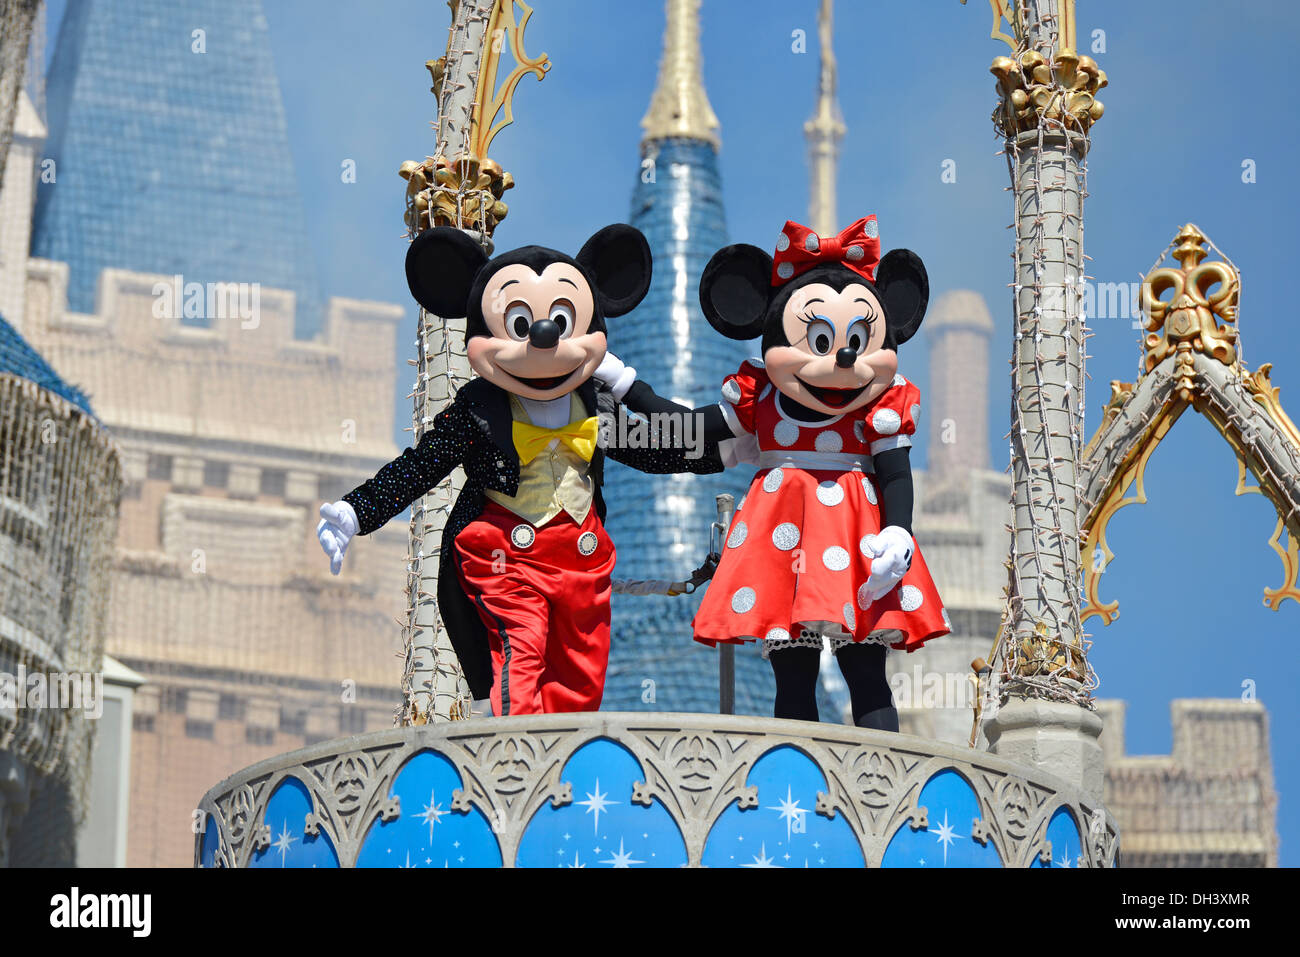 mickey minnie stock photos mickey minnie stock images alamy